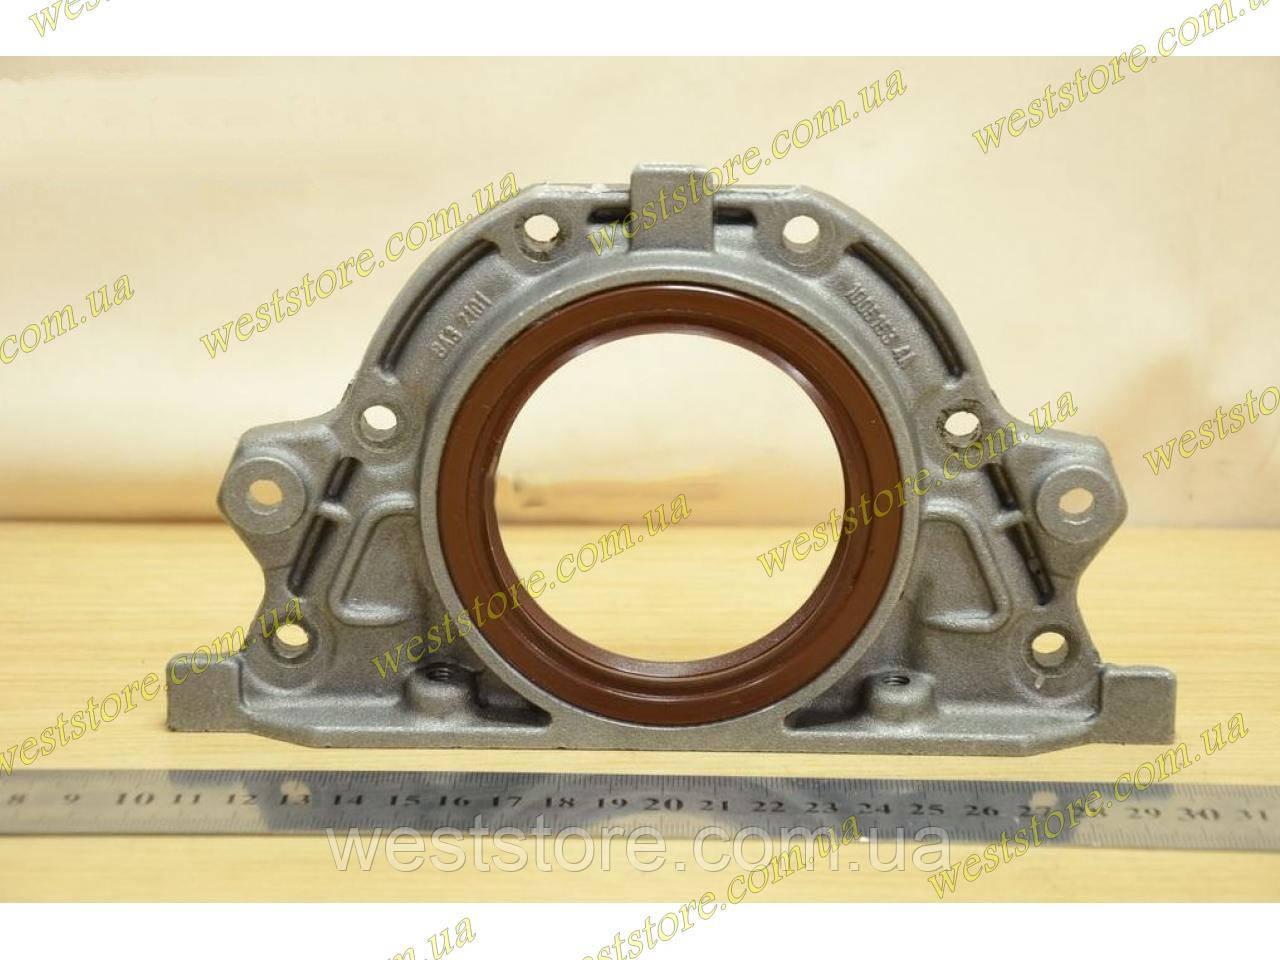 Крышка двигателя Ваз 2101 2102 2103 2104 2105 2106 2107 задняя АвтоВаз